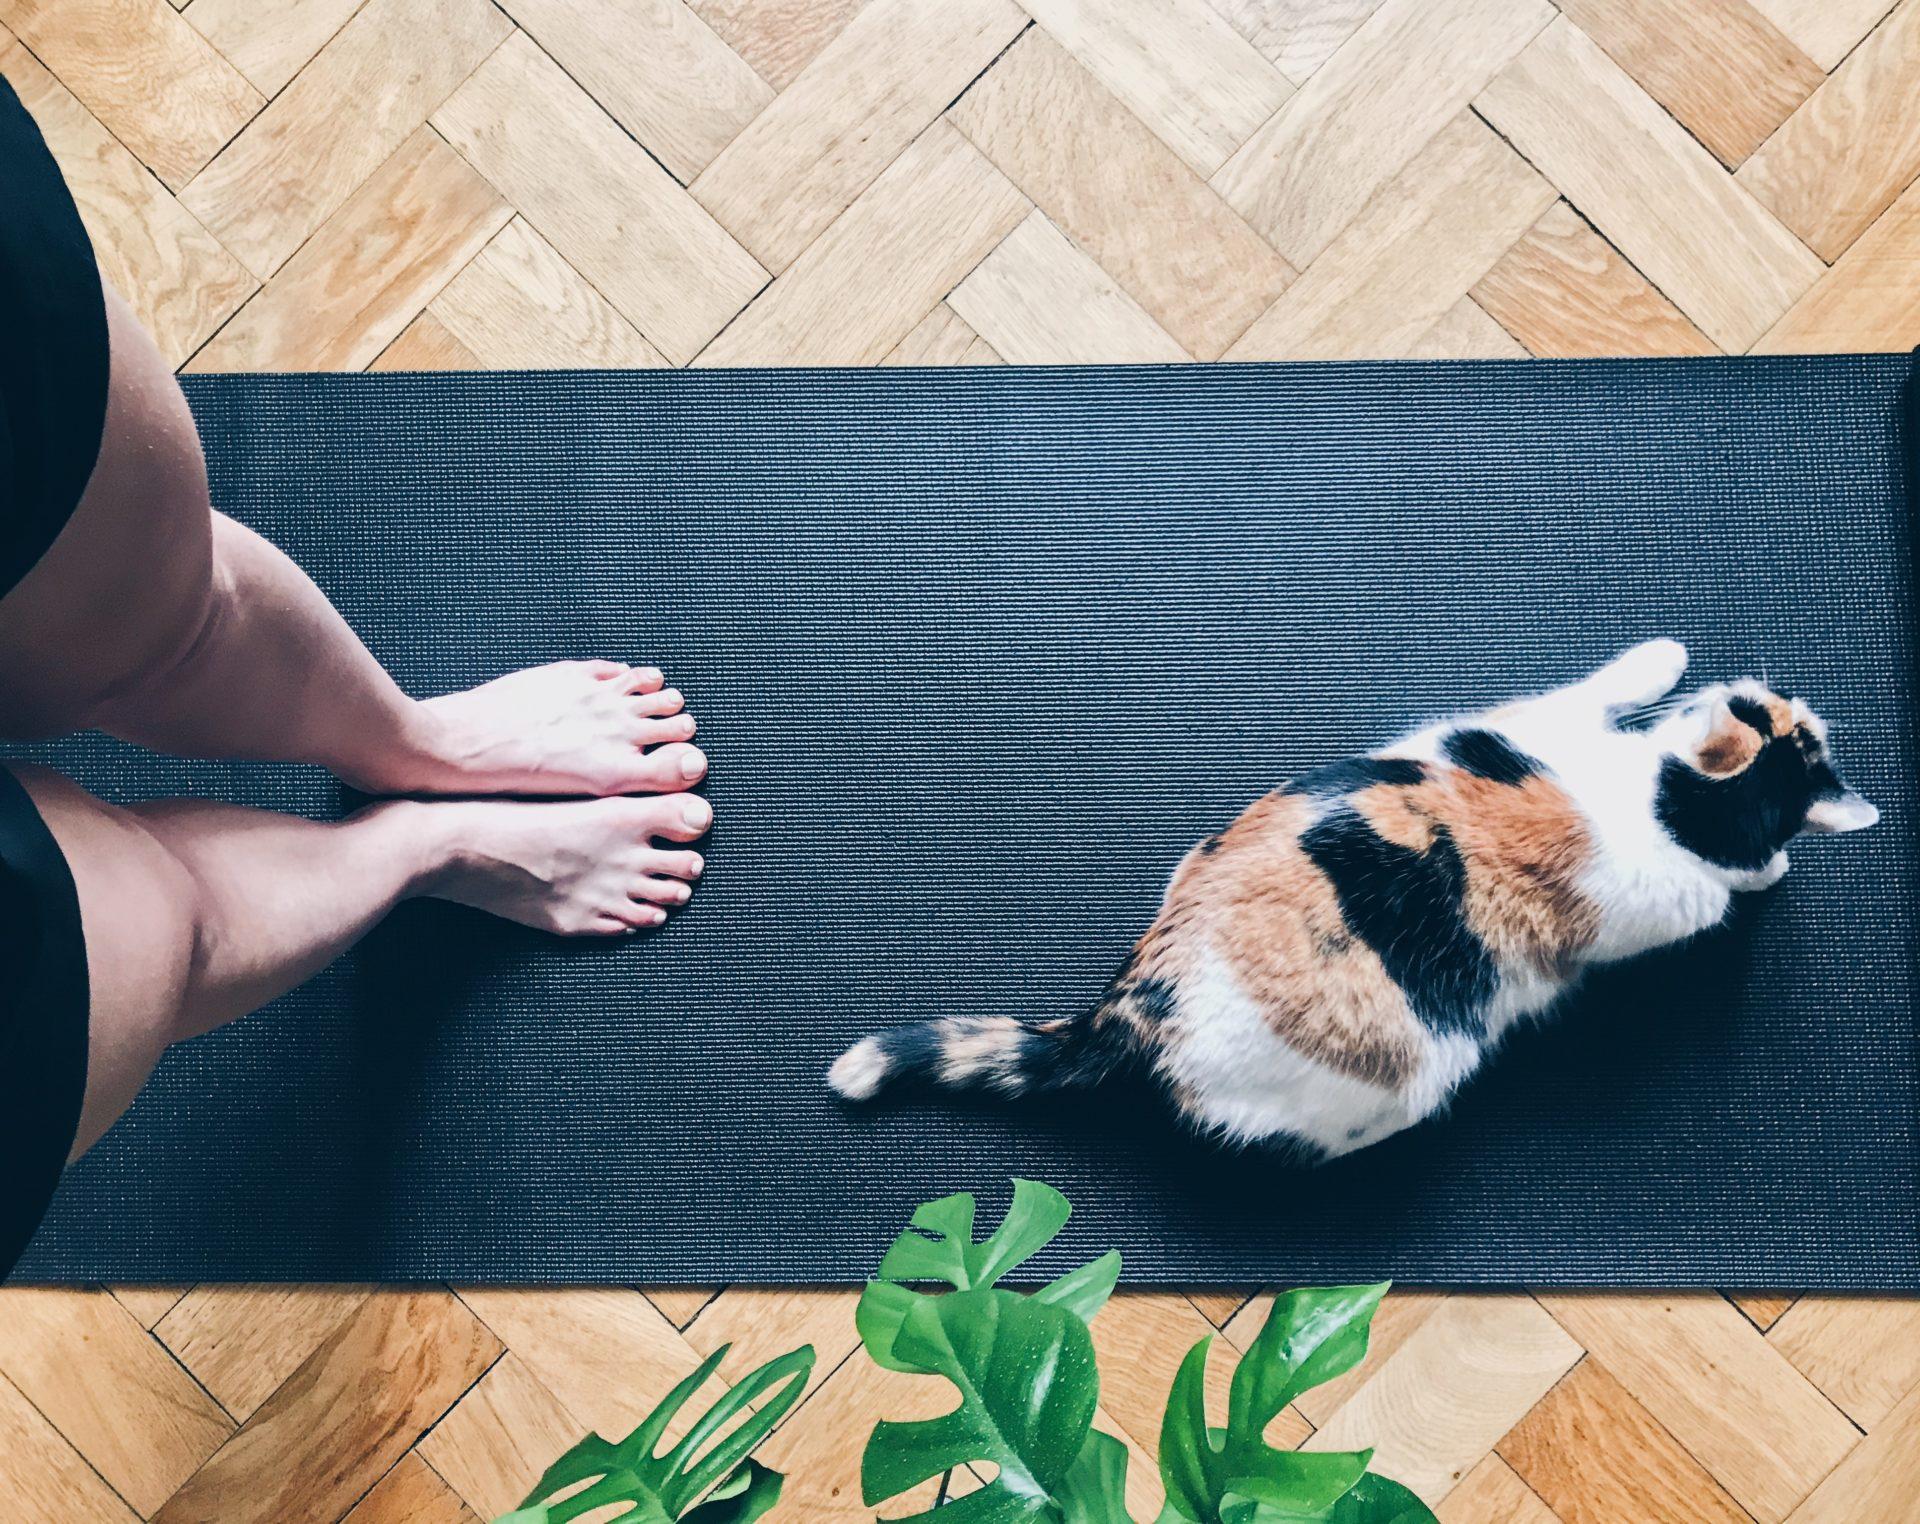 jóga, cvičení, kočka, pokojovky, monstera, ráno, vstávání, protahování